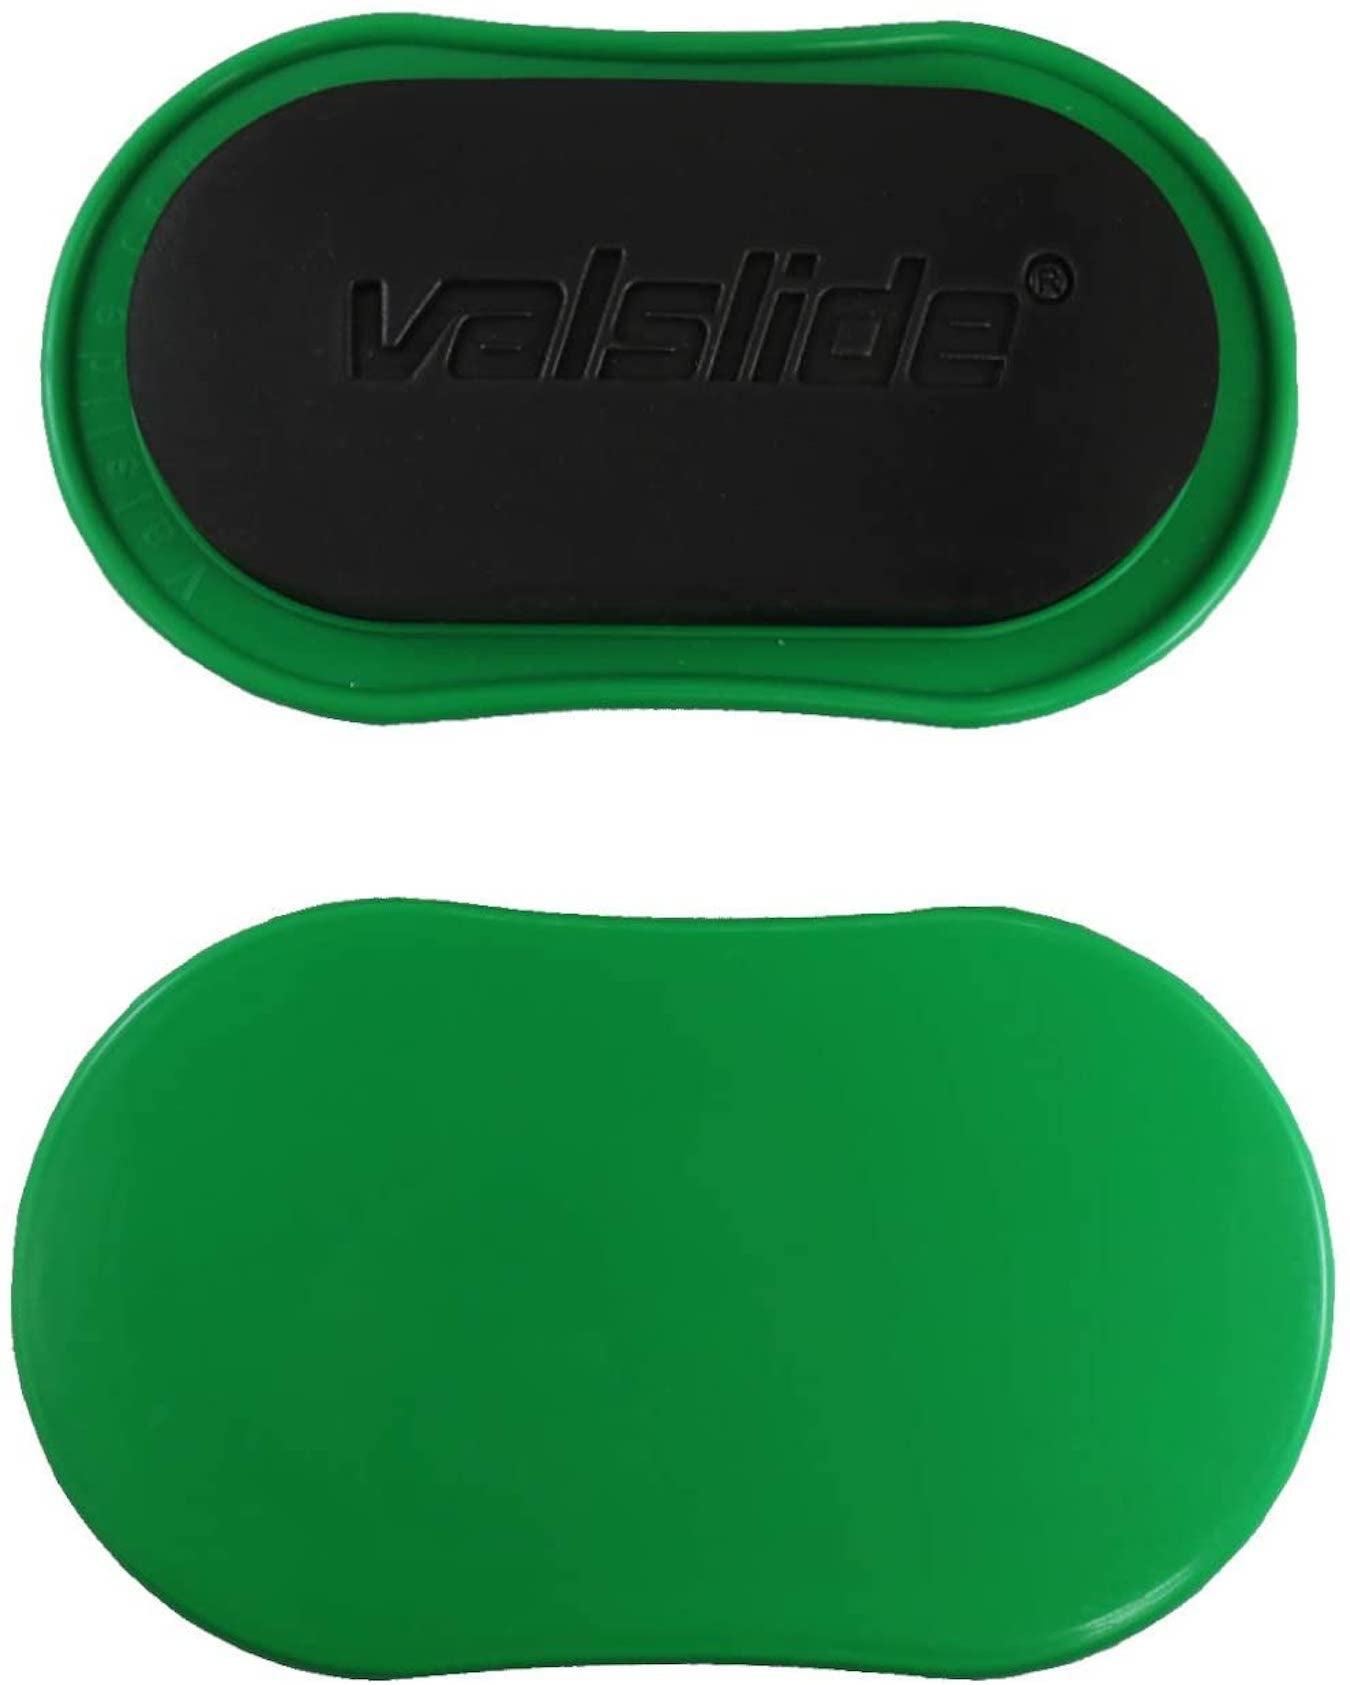 Un par de discos deslizantes Valslide verdes para entrenamientos en casa